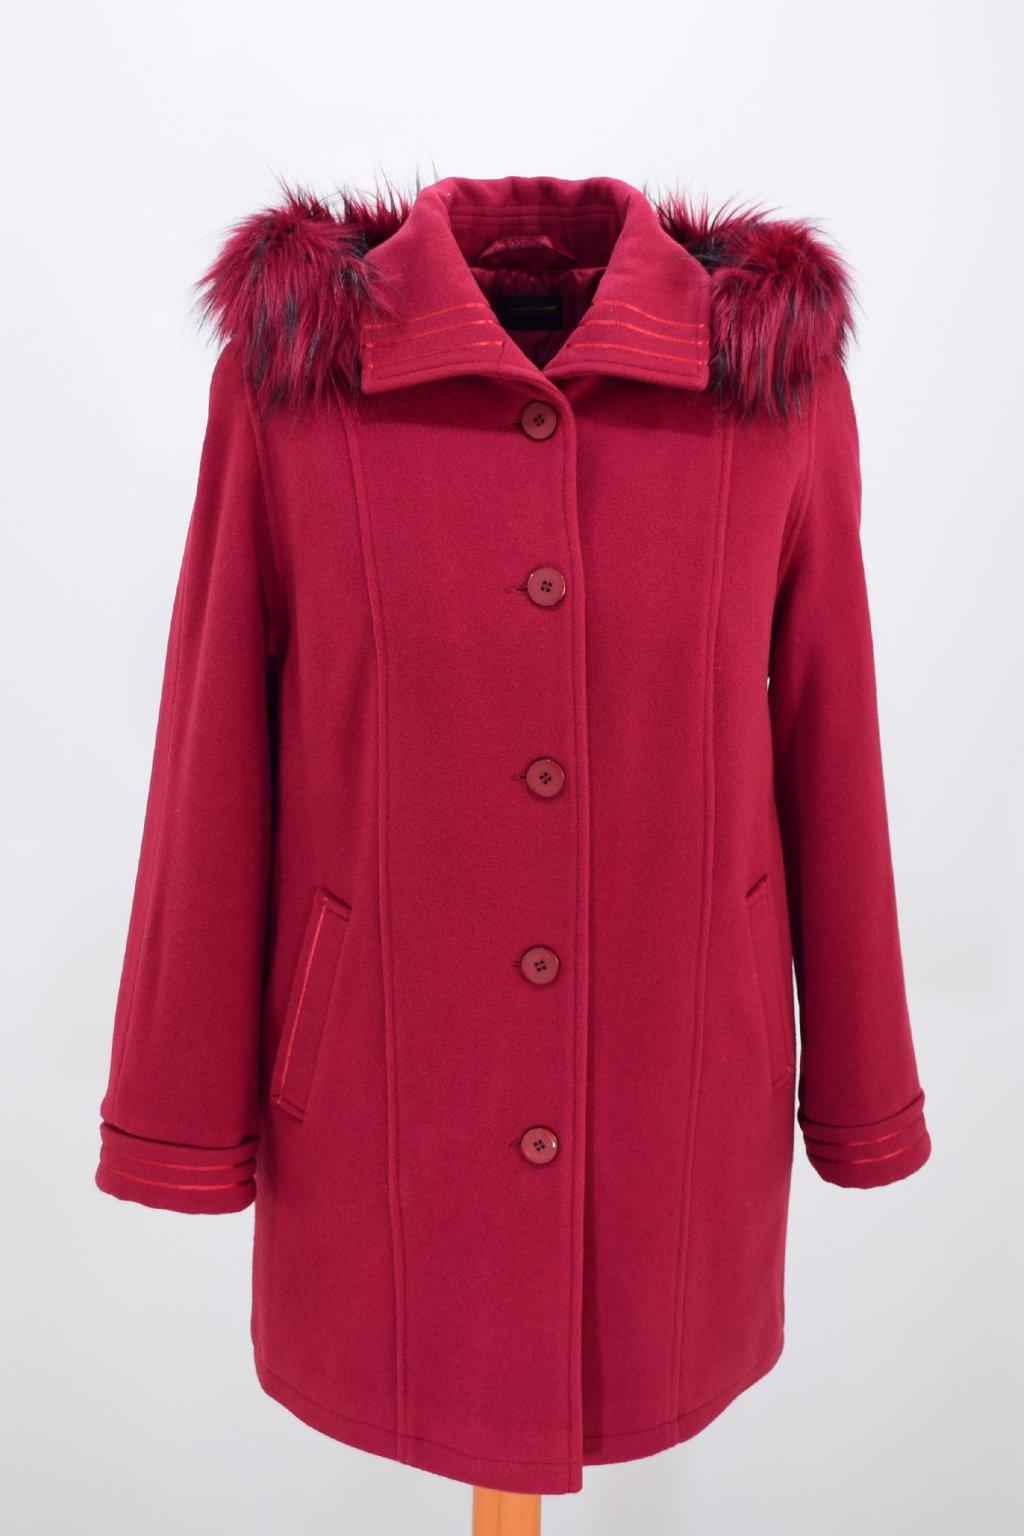 Dámský zimní světle vínový kabát Renata nadměrné velikosti.